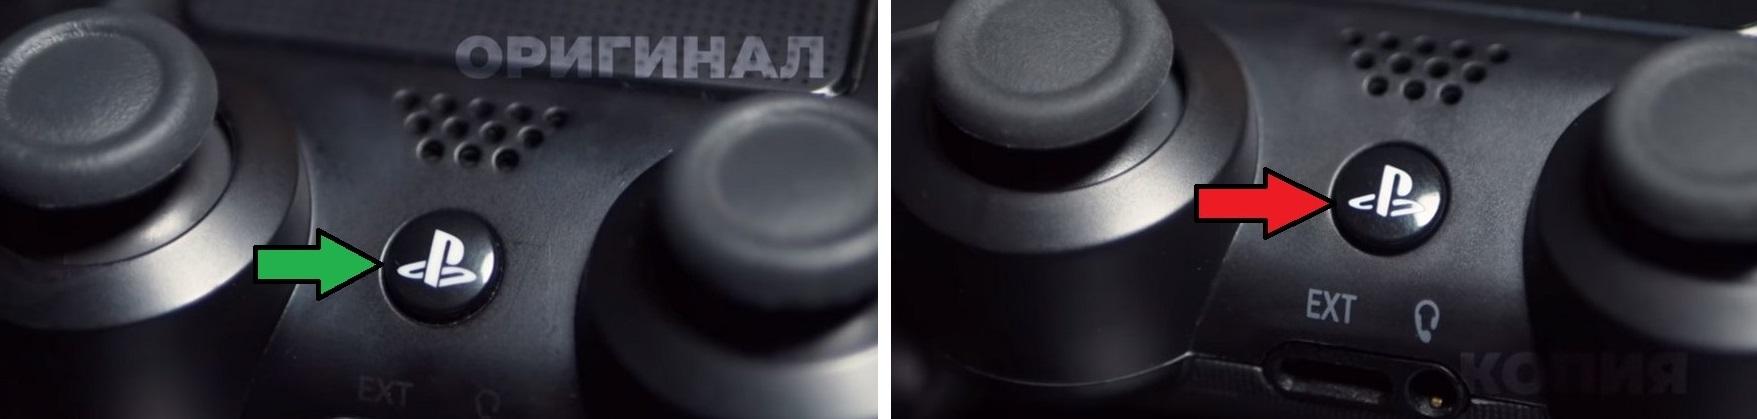 Сравнение клавиши оригинального Dualshock 4 и подделки